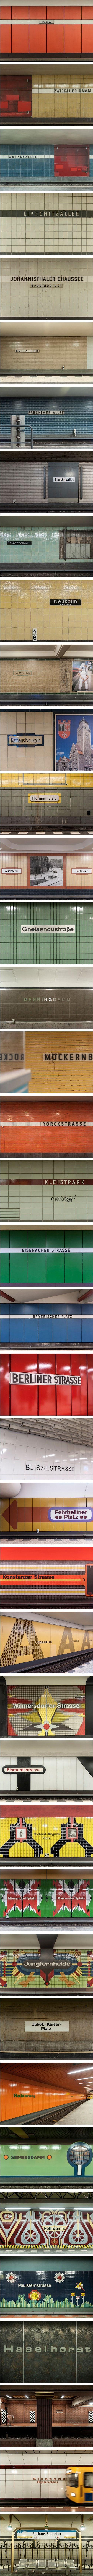 ღღ Meine Linie ! ~~~ U7 station names from Rudow to Rathaus Spandau, by Kate Seabrook. (Photo by Kate Seabrook. All Rights Reserved). - tolle Idee! Exakt aufgereiht, ganz ordentlich, schööön !